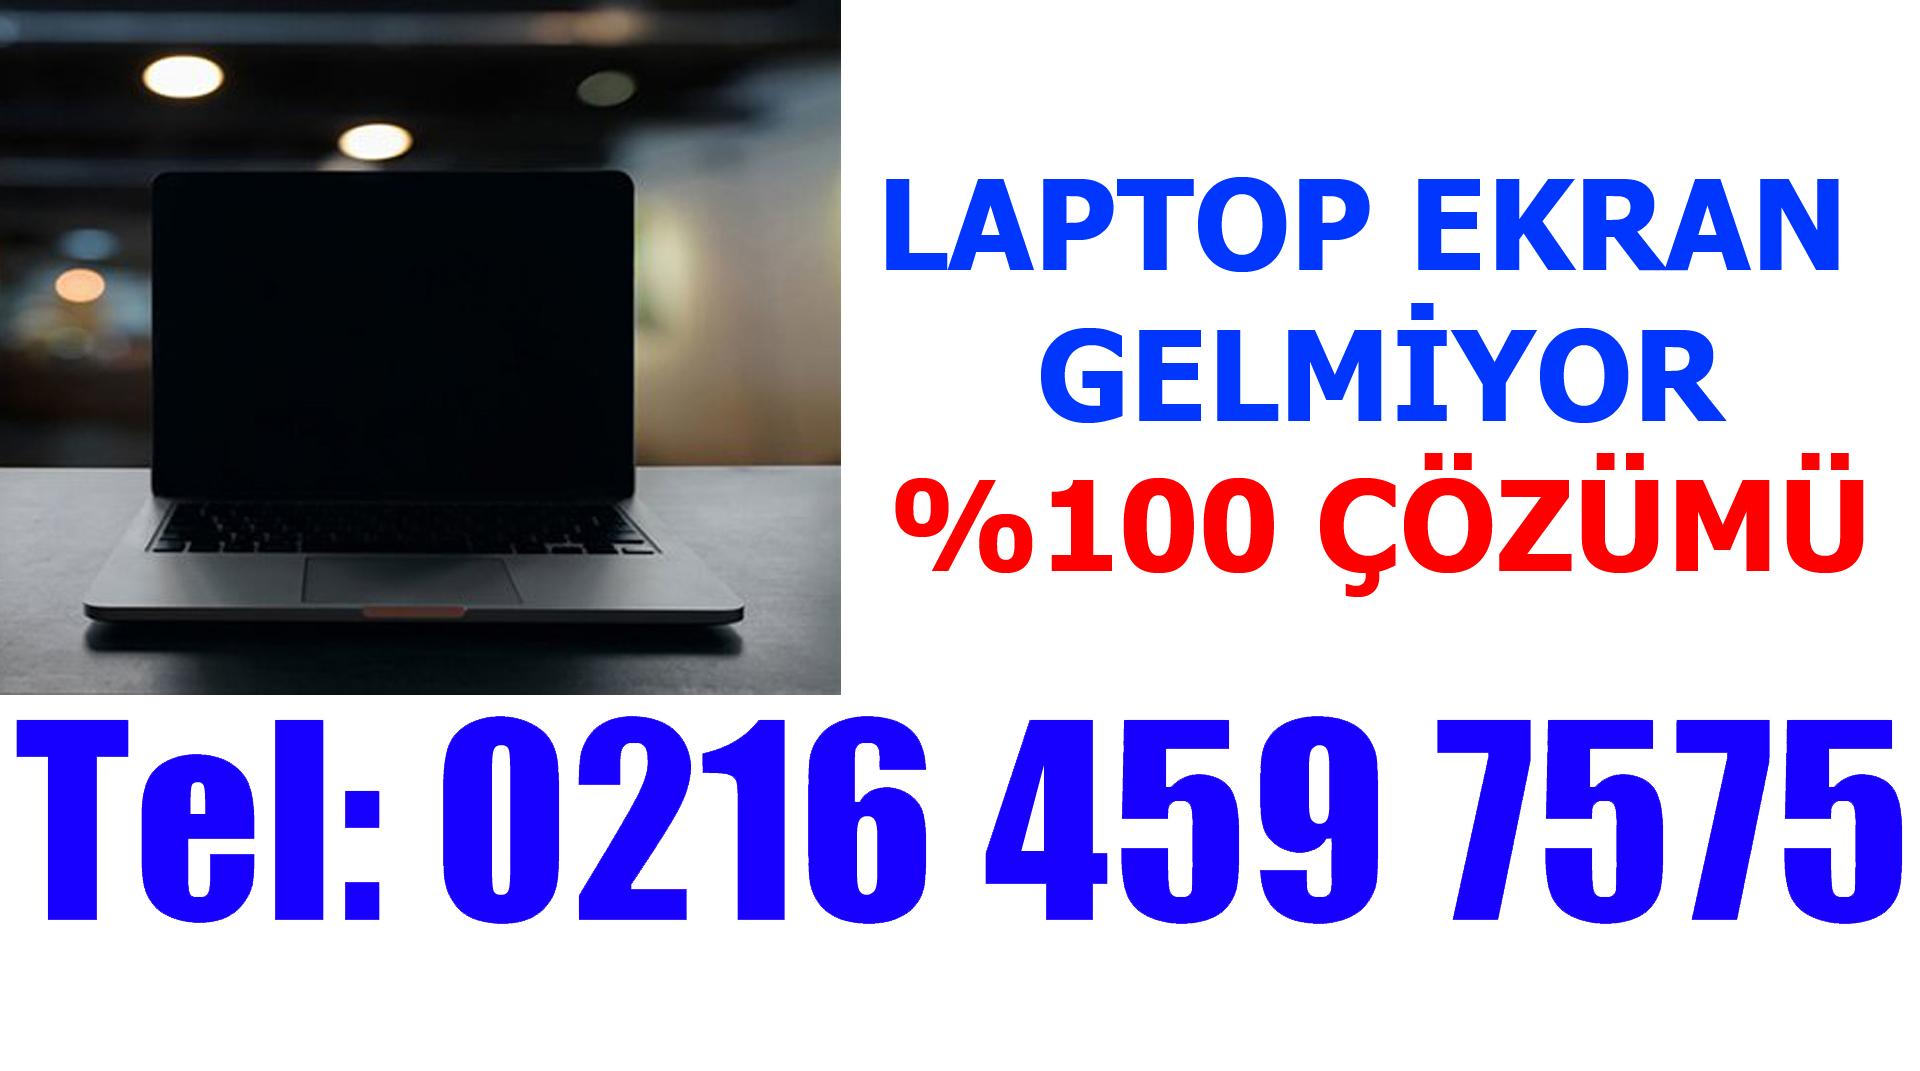 Laptop Ekran Gelmiyor !! Değişimi %100 Çözüm